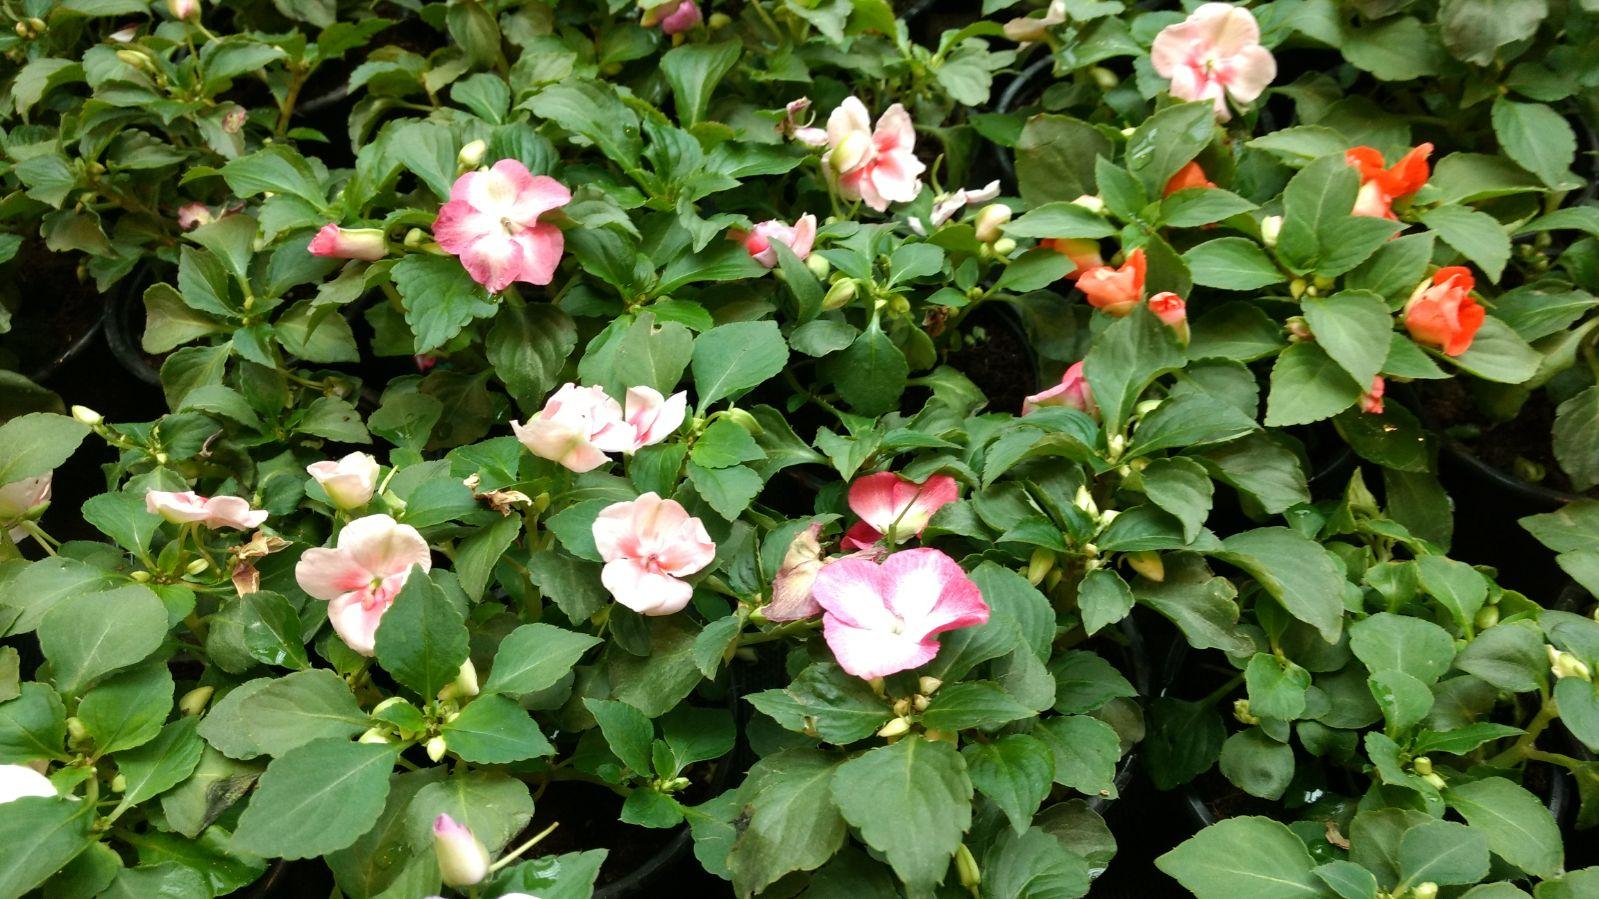 Flores en mayo: Alegrías